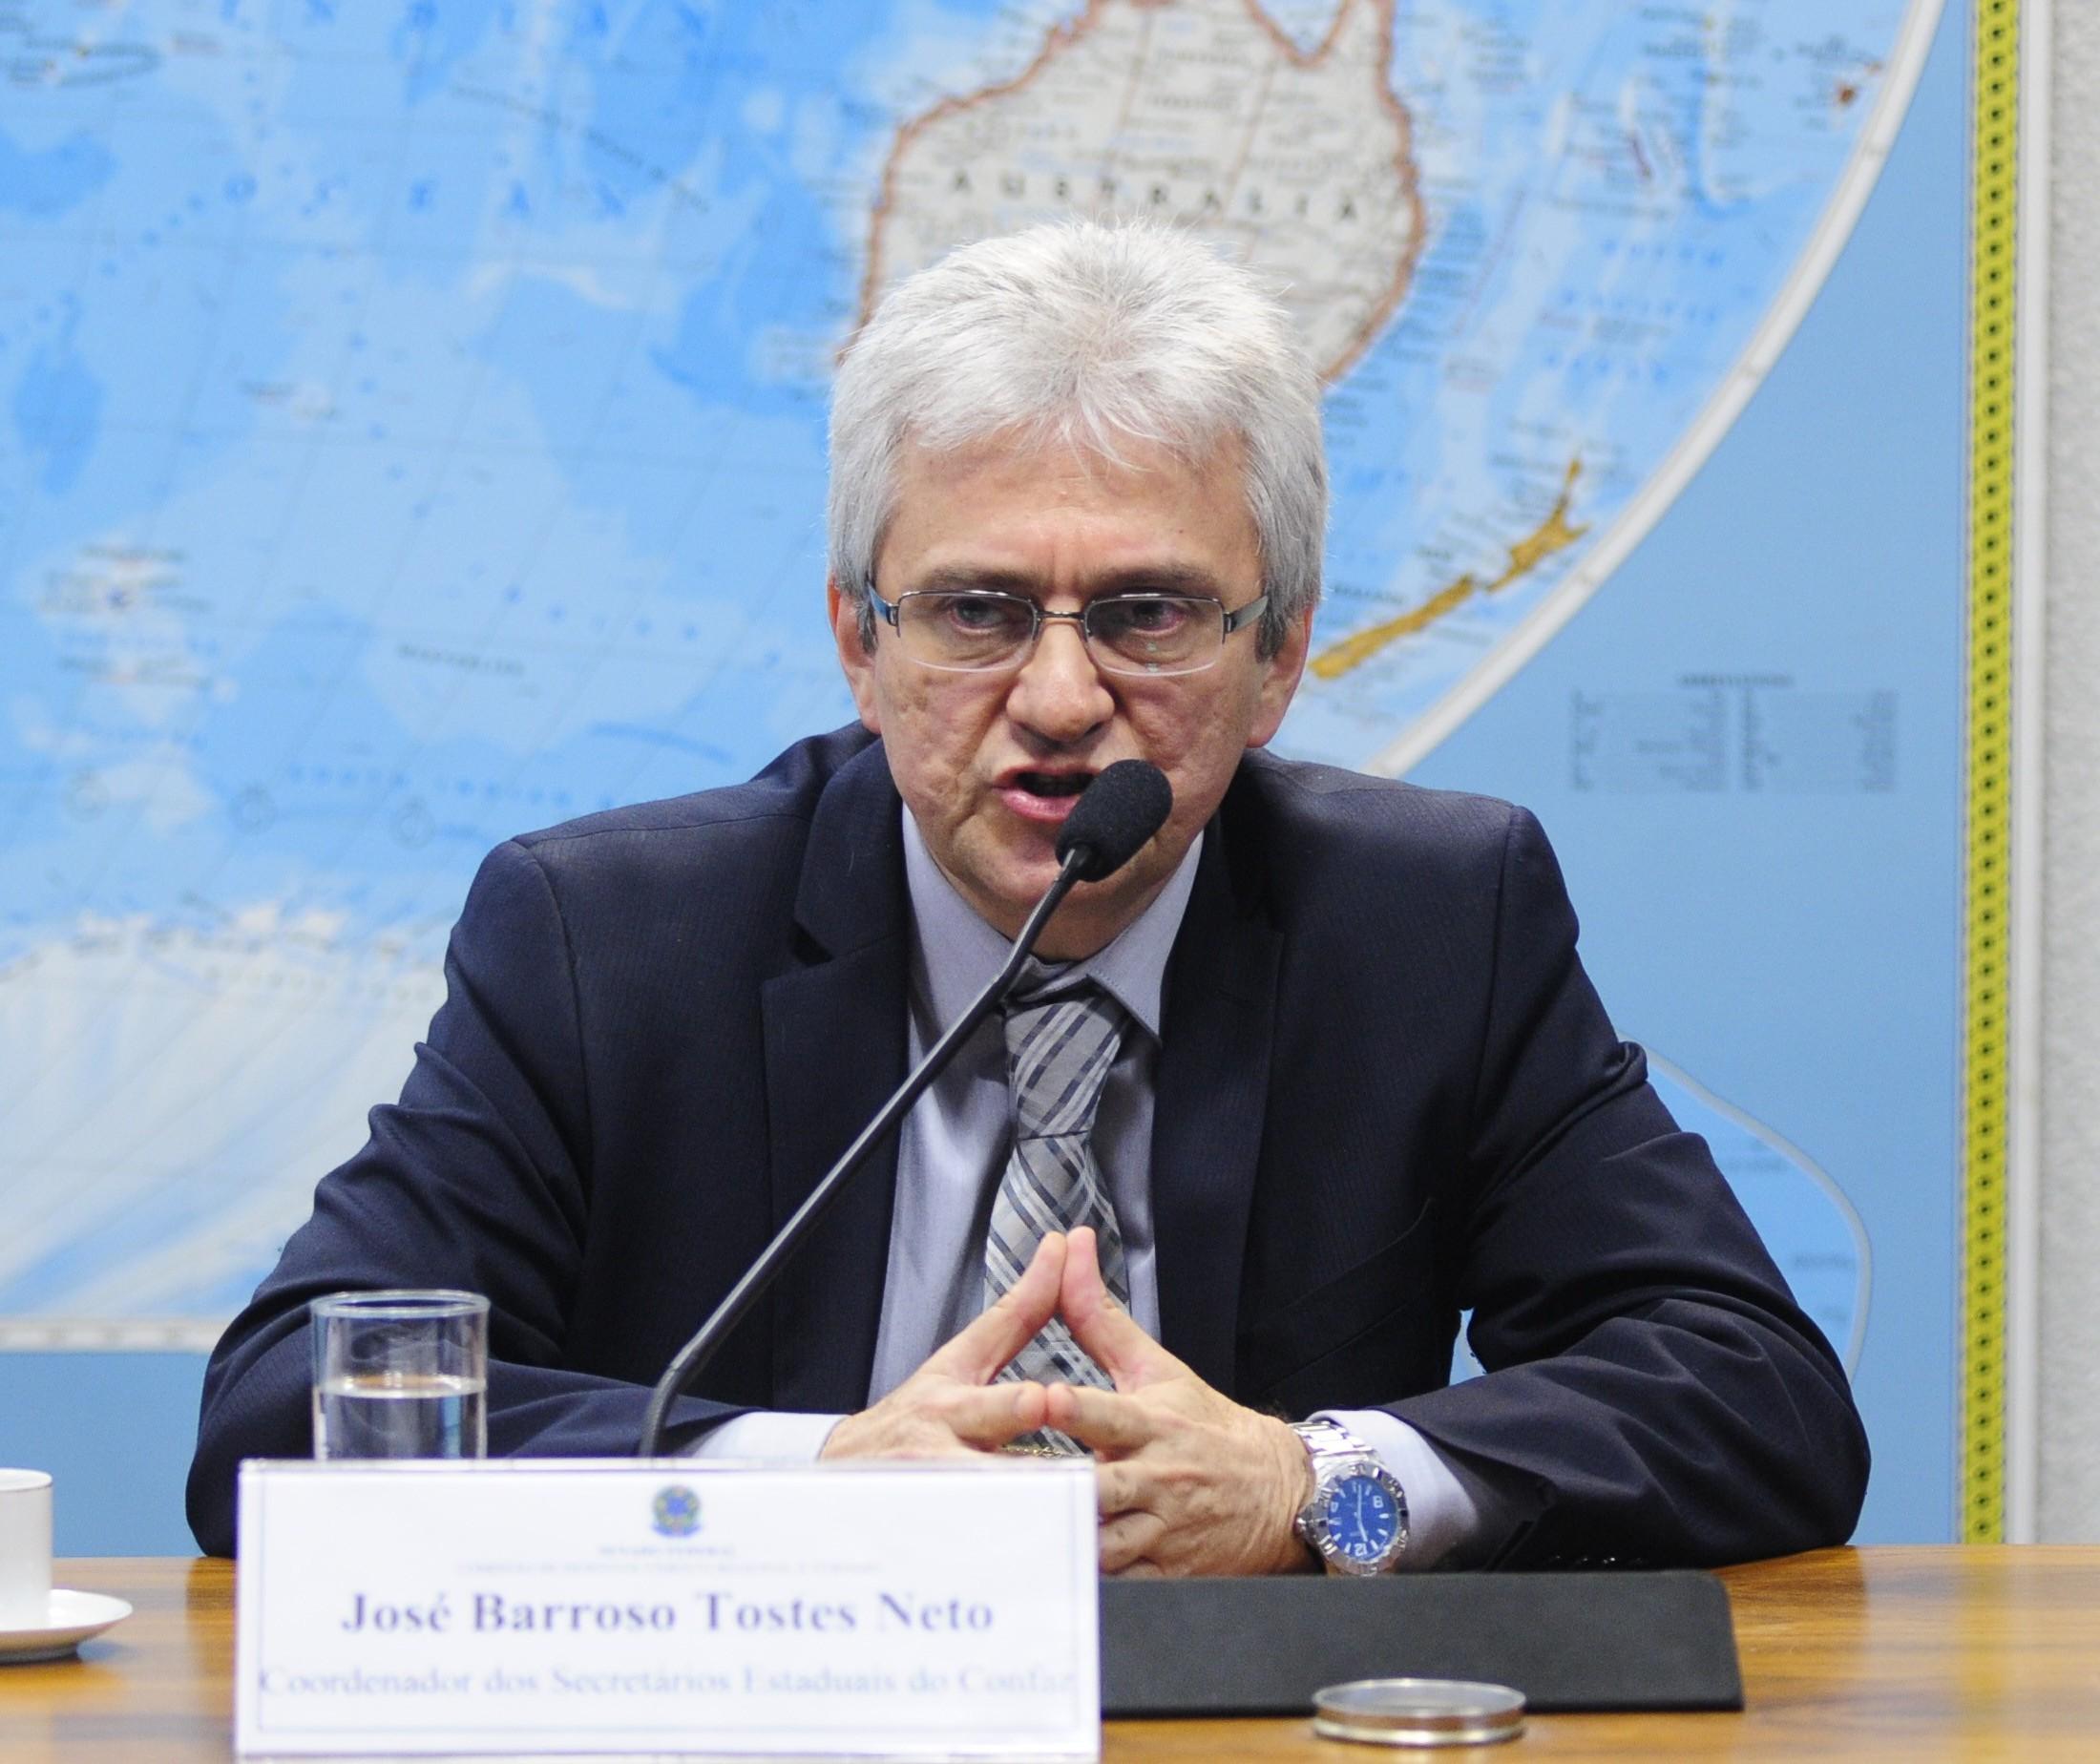 Secretário Nacional da Receita Federal estará em Maringá